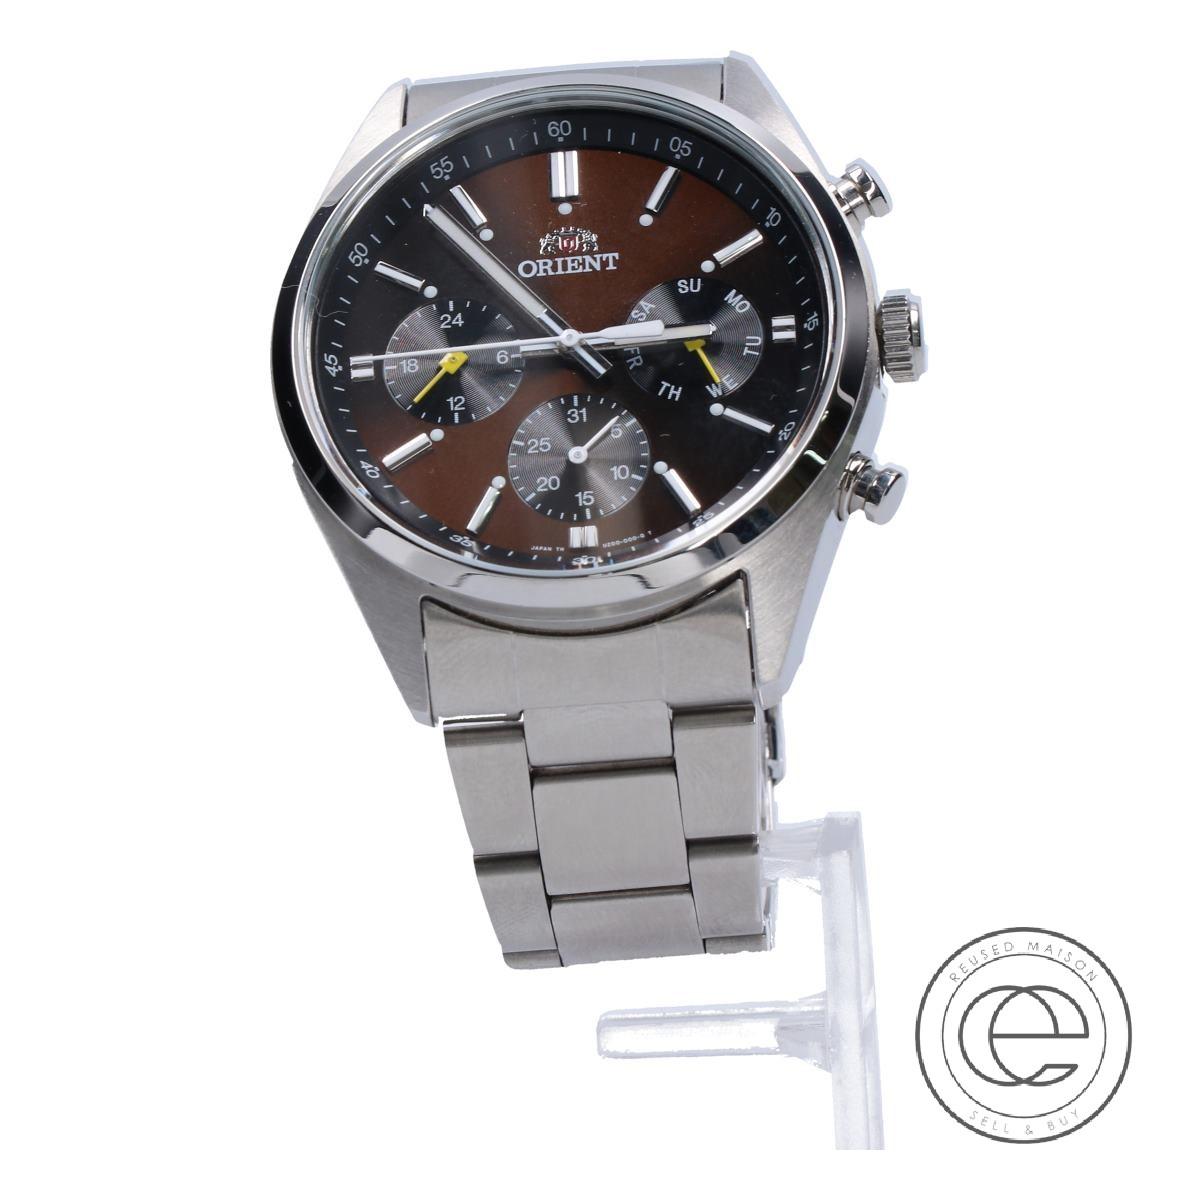 ORIENTオリエント UZ00-CO-B クロノグラフ SS クオーツ 腕時計 シルバー メンズ 【中古】